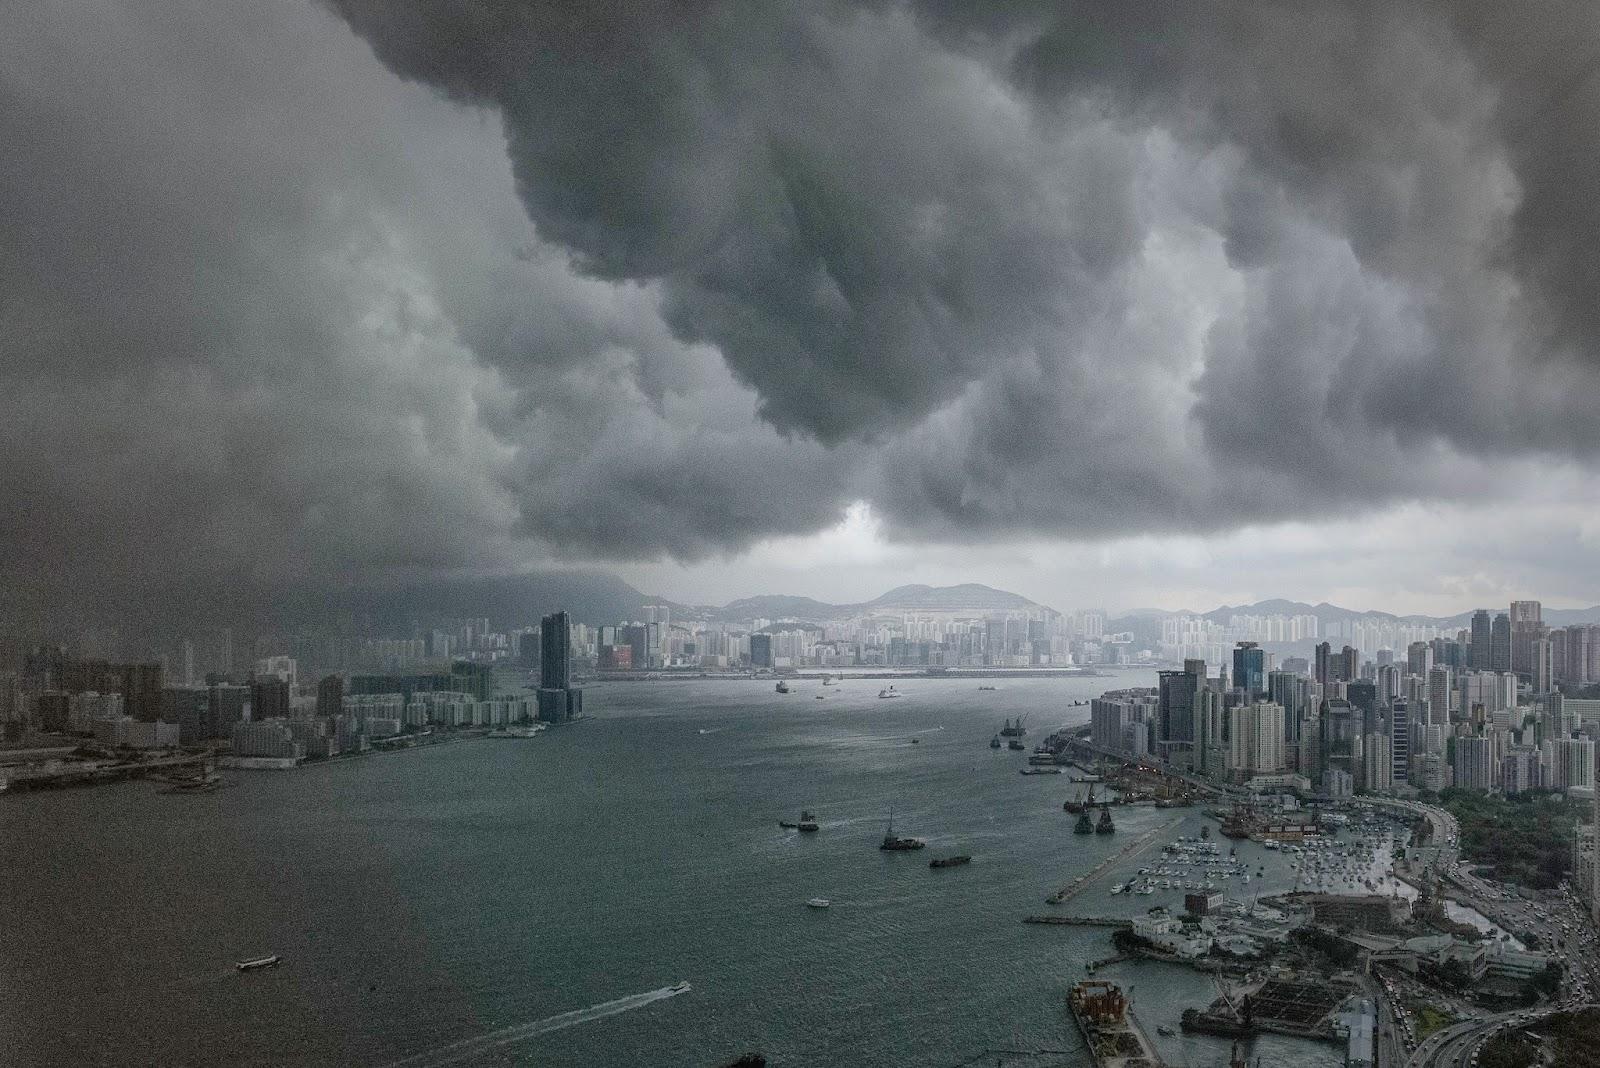 Dark 3d Wallpaper Disappearing Hong Kong 消失中的香港 大香港 小旅遊 今年颱風會特別多? Great